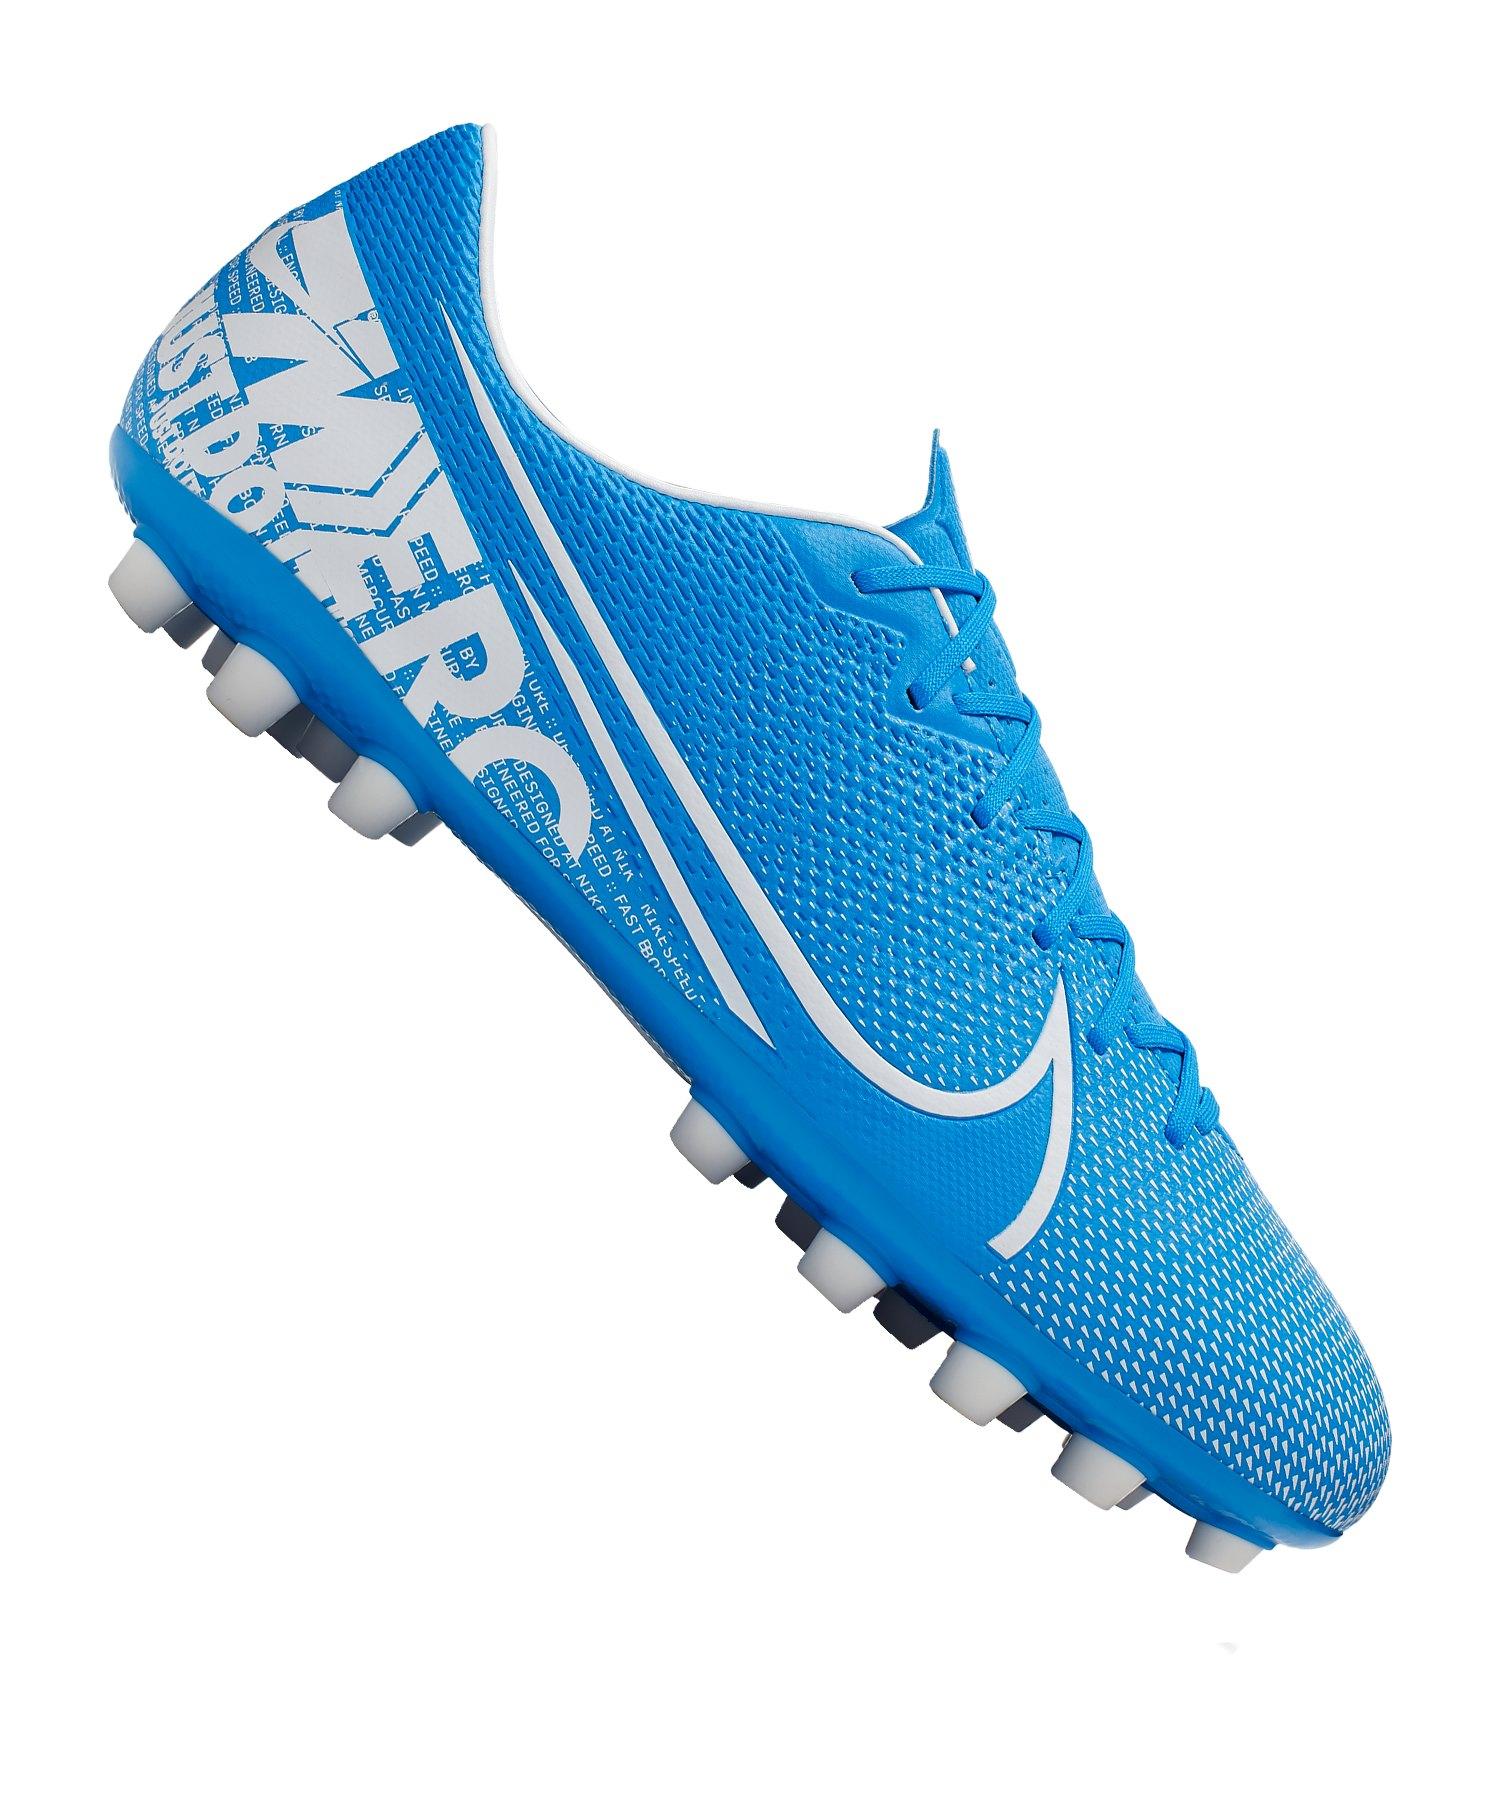 Nike Mercurial Vapor XIII Academy AG Blau F414 - blau